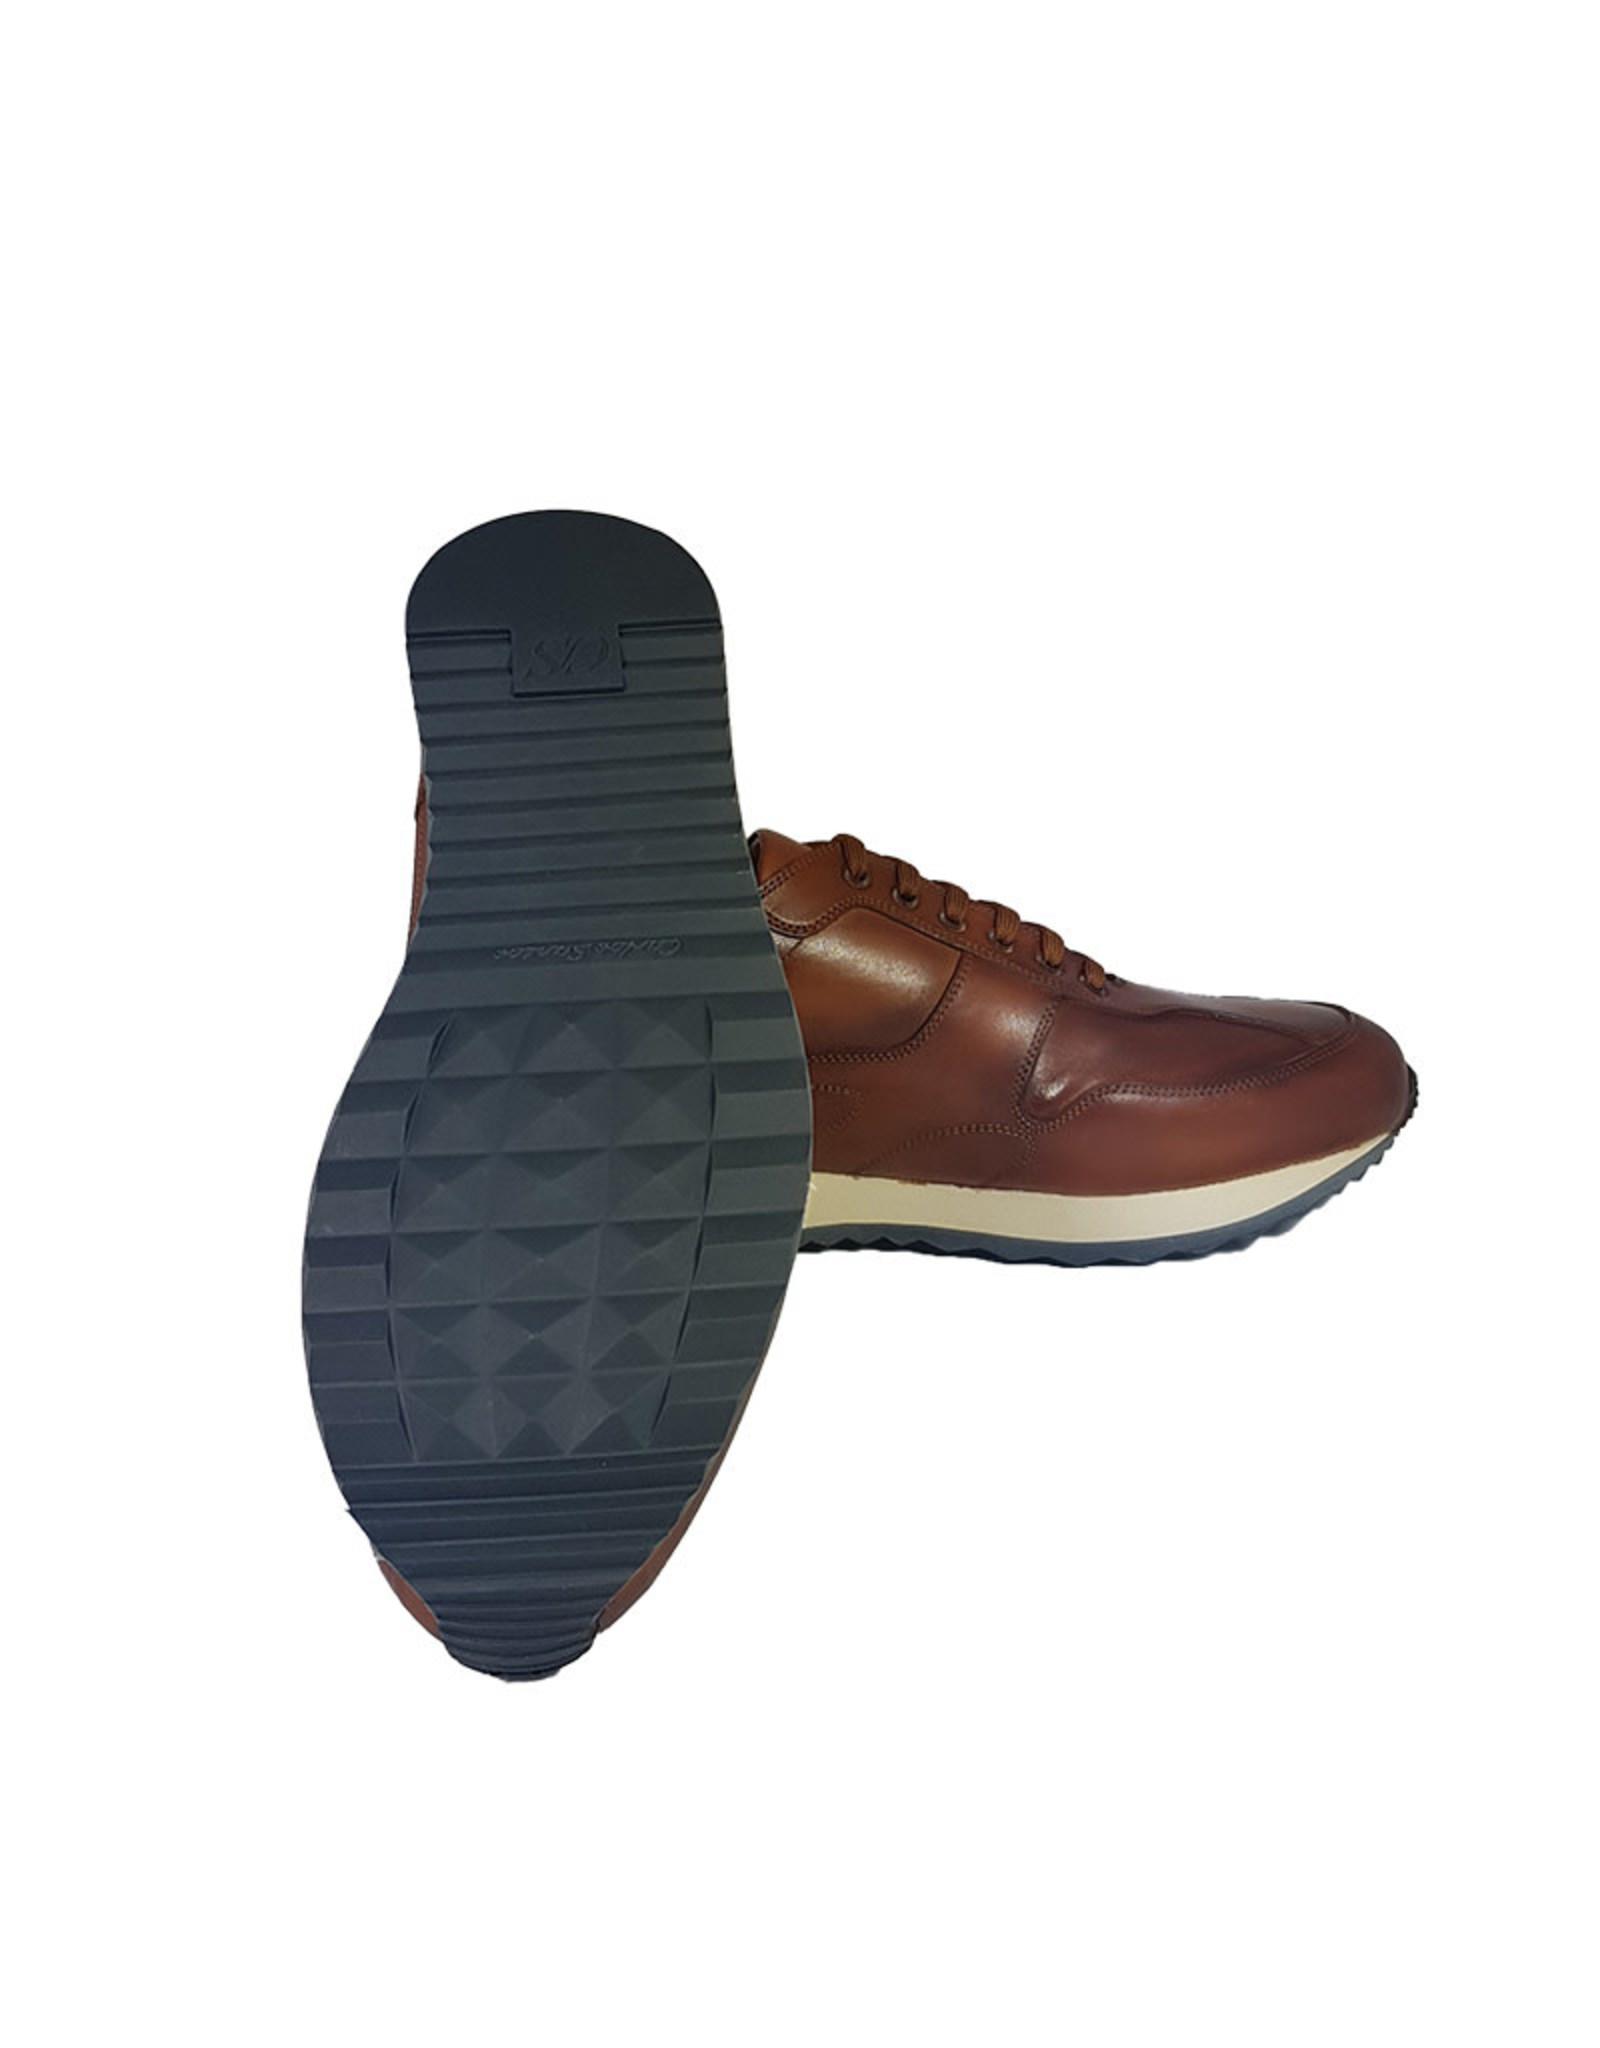 Carlos Santos Carlos Santos sneaker cognac 8894B Braga